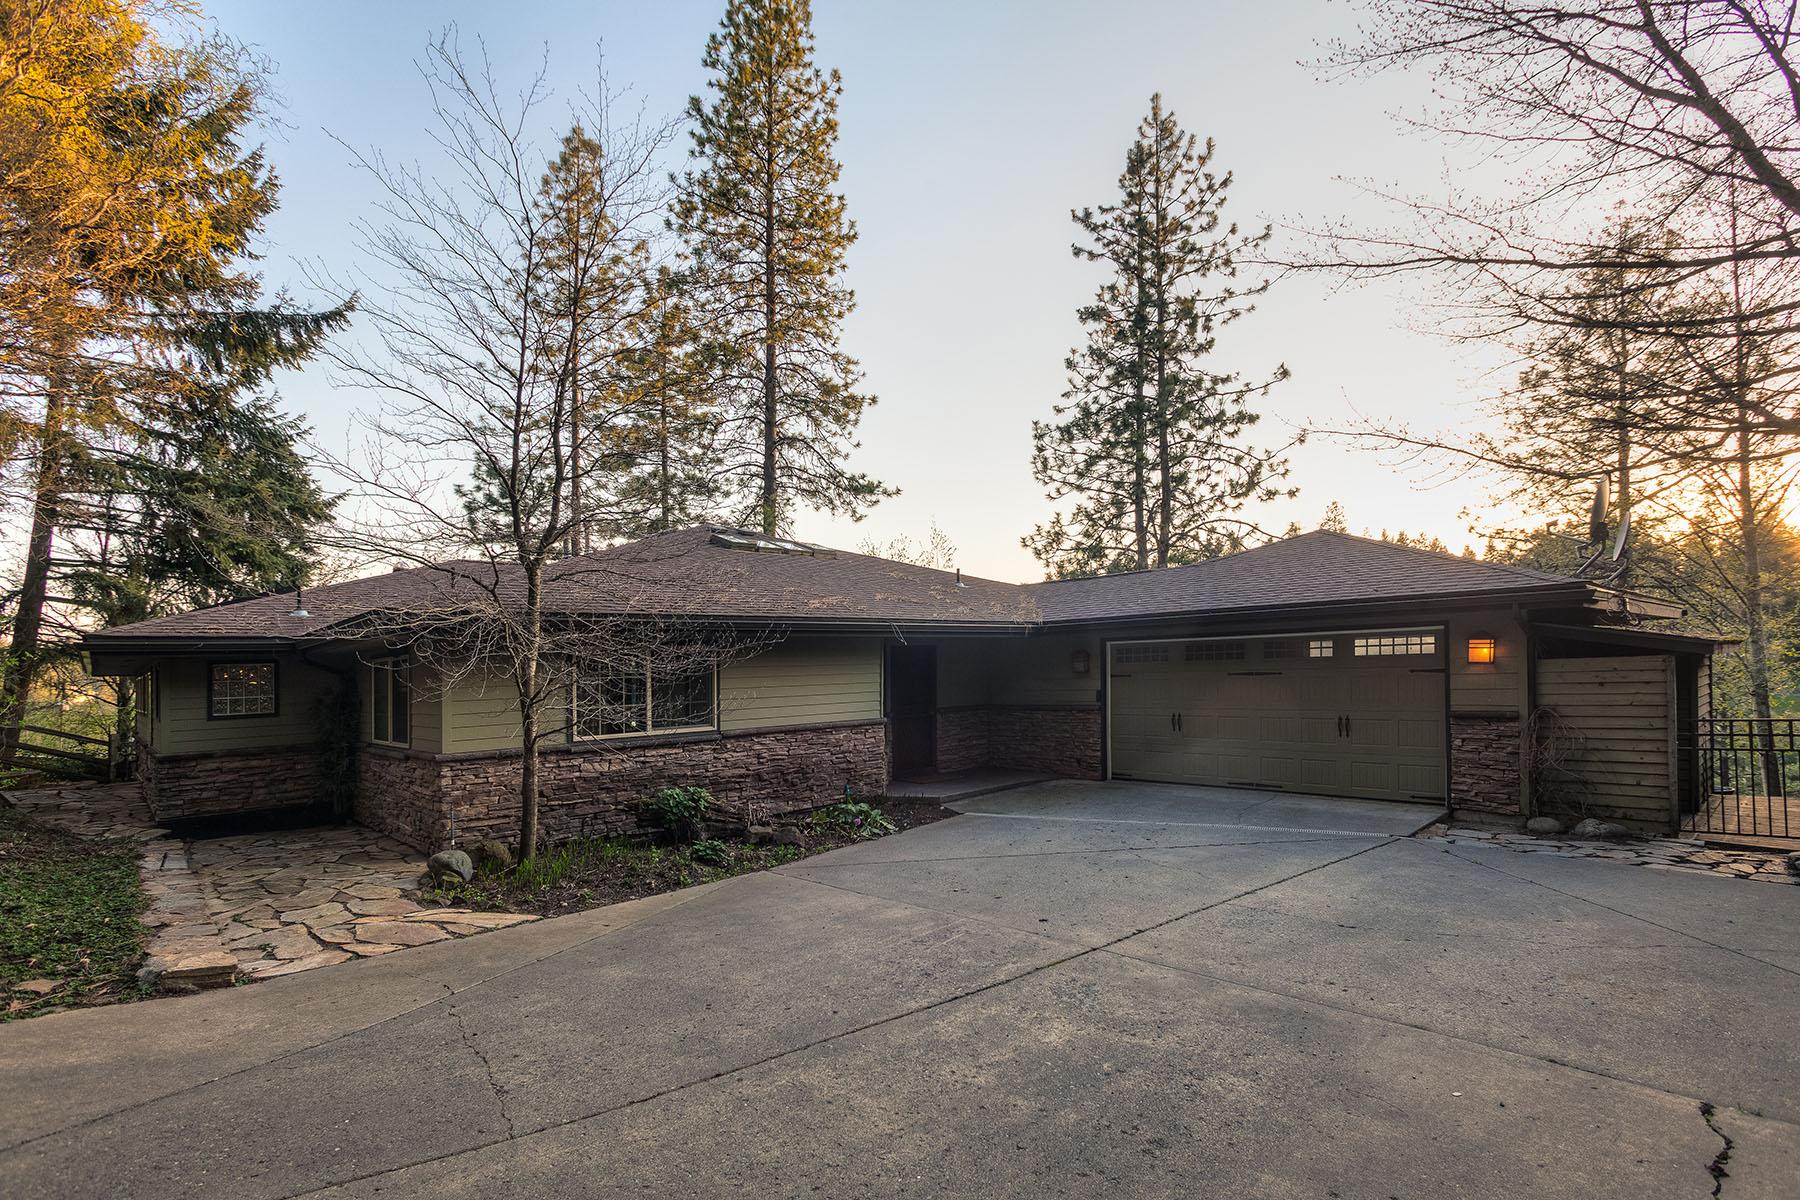 단독 가정 주택 용 매매 에 Avondale Lakefront Home 11525 N EASTSHORE DR Hayden, 아이다호 83835 미국